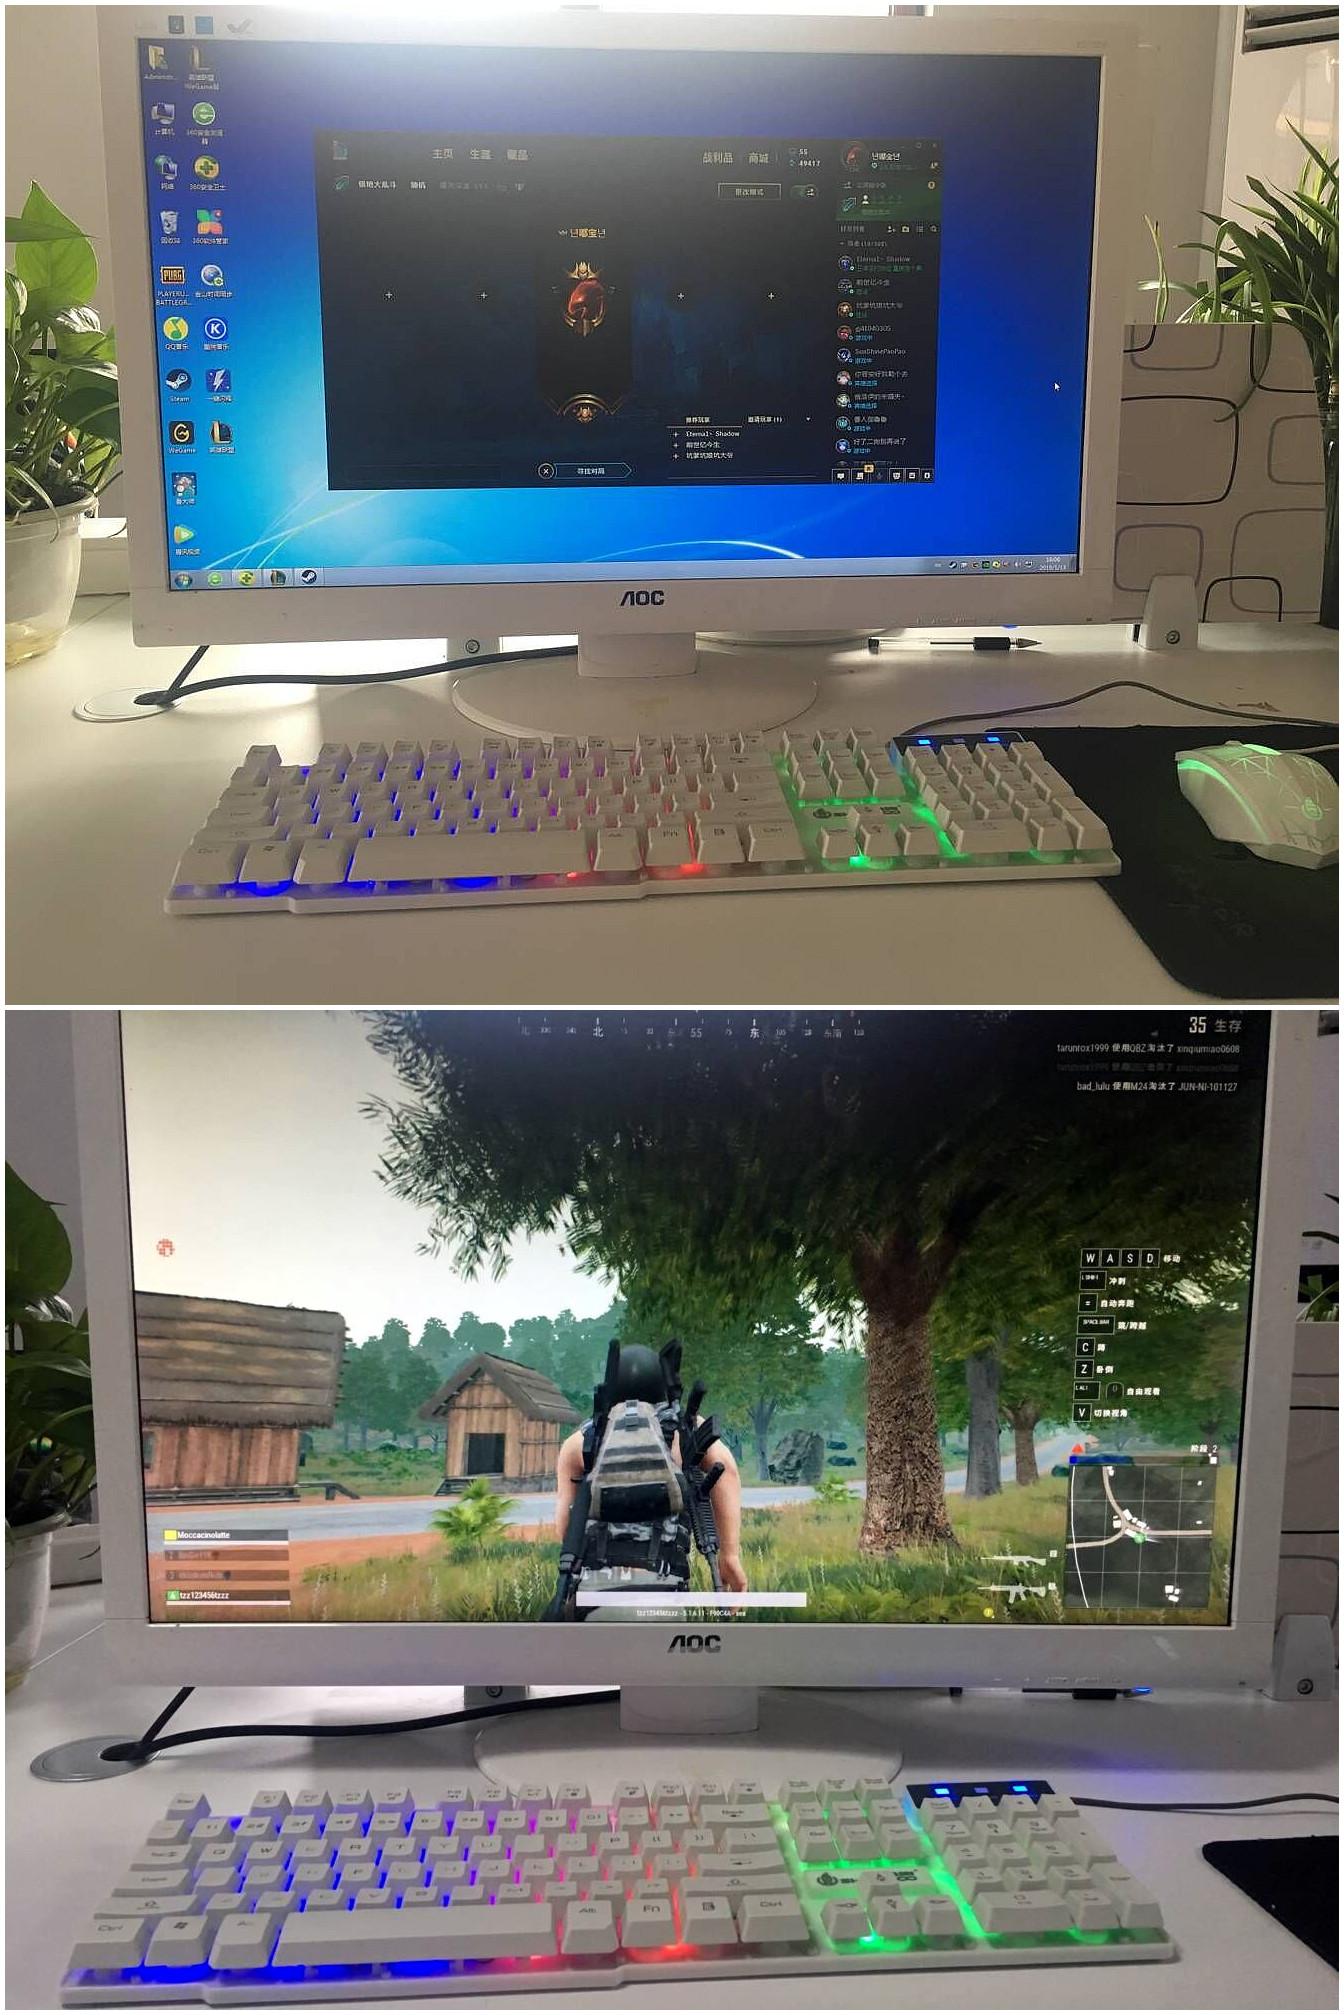 第五代i7獨顯配置,3000元游戲電腦配置全方面測評